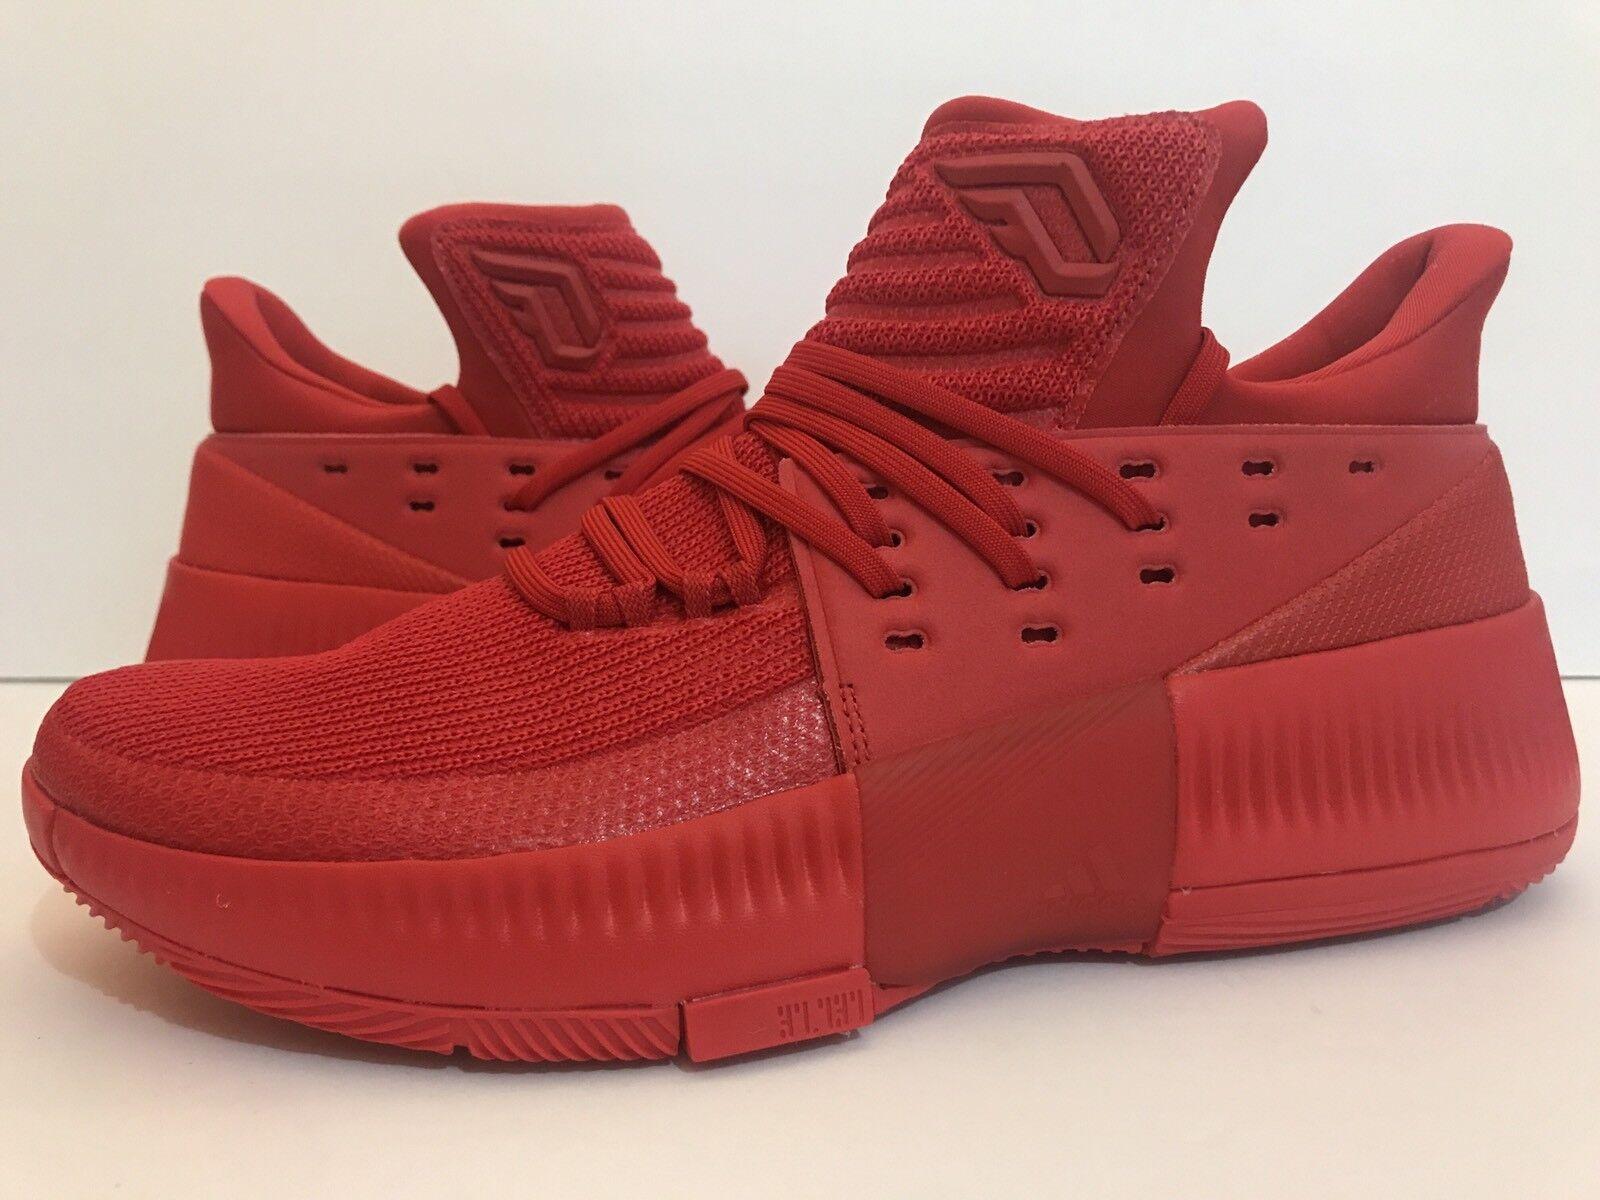 Adidas NBA Dame Lillard lll Roots All Star BB8337 Sz 9 10.5